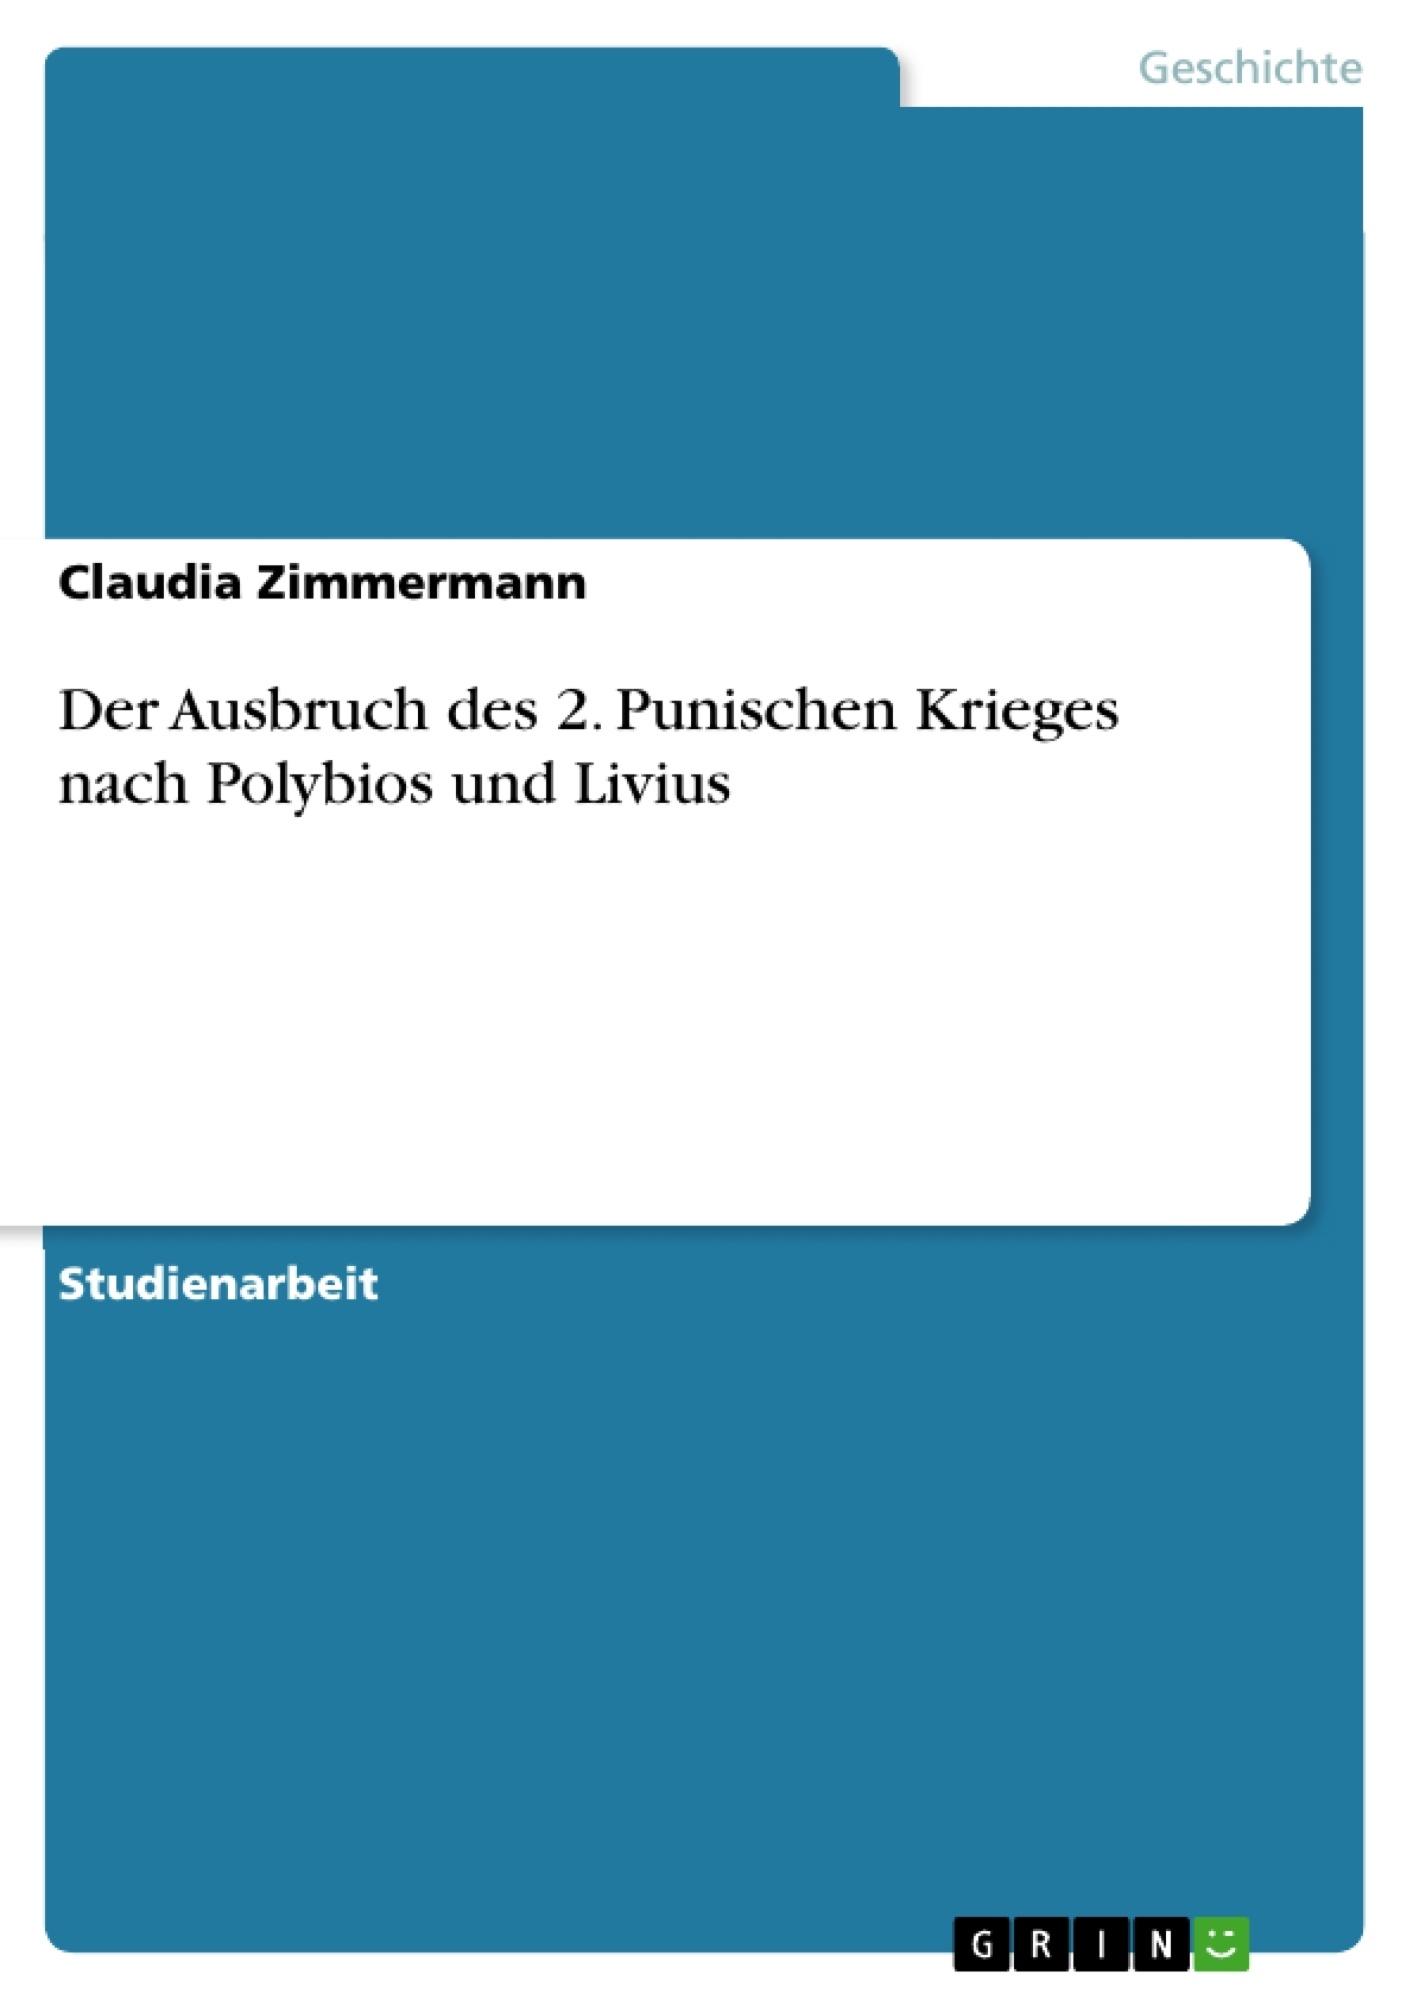 Titel: Der Ausbruch des 2. Punischen Krieges nach Polybios und Livius